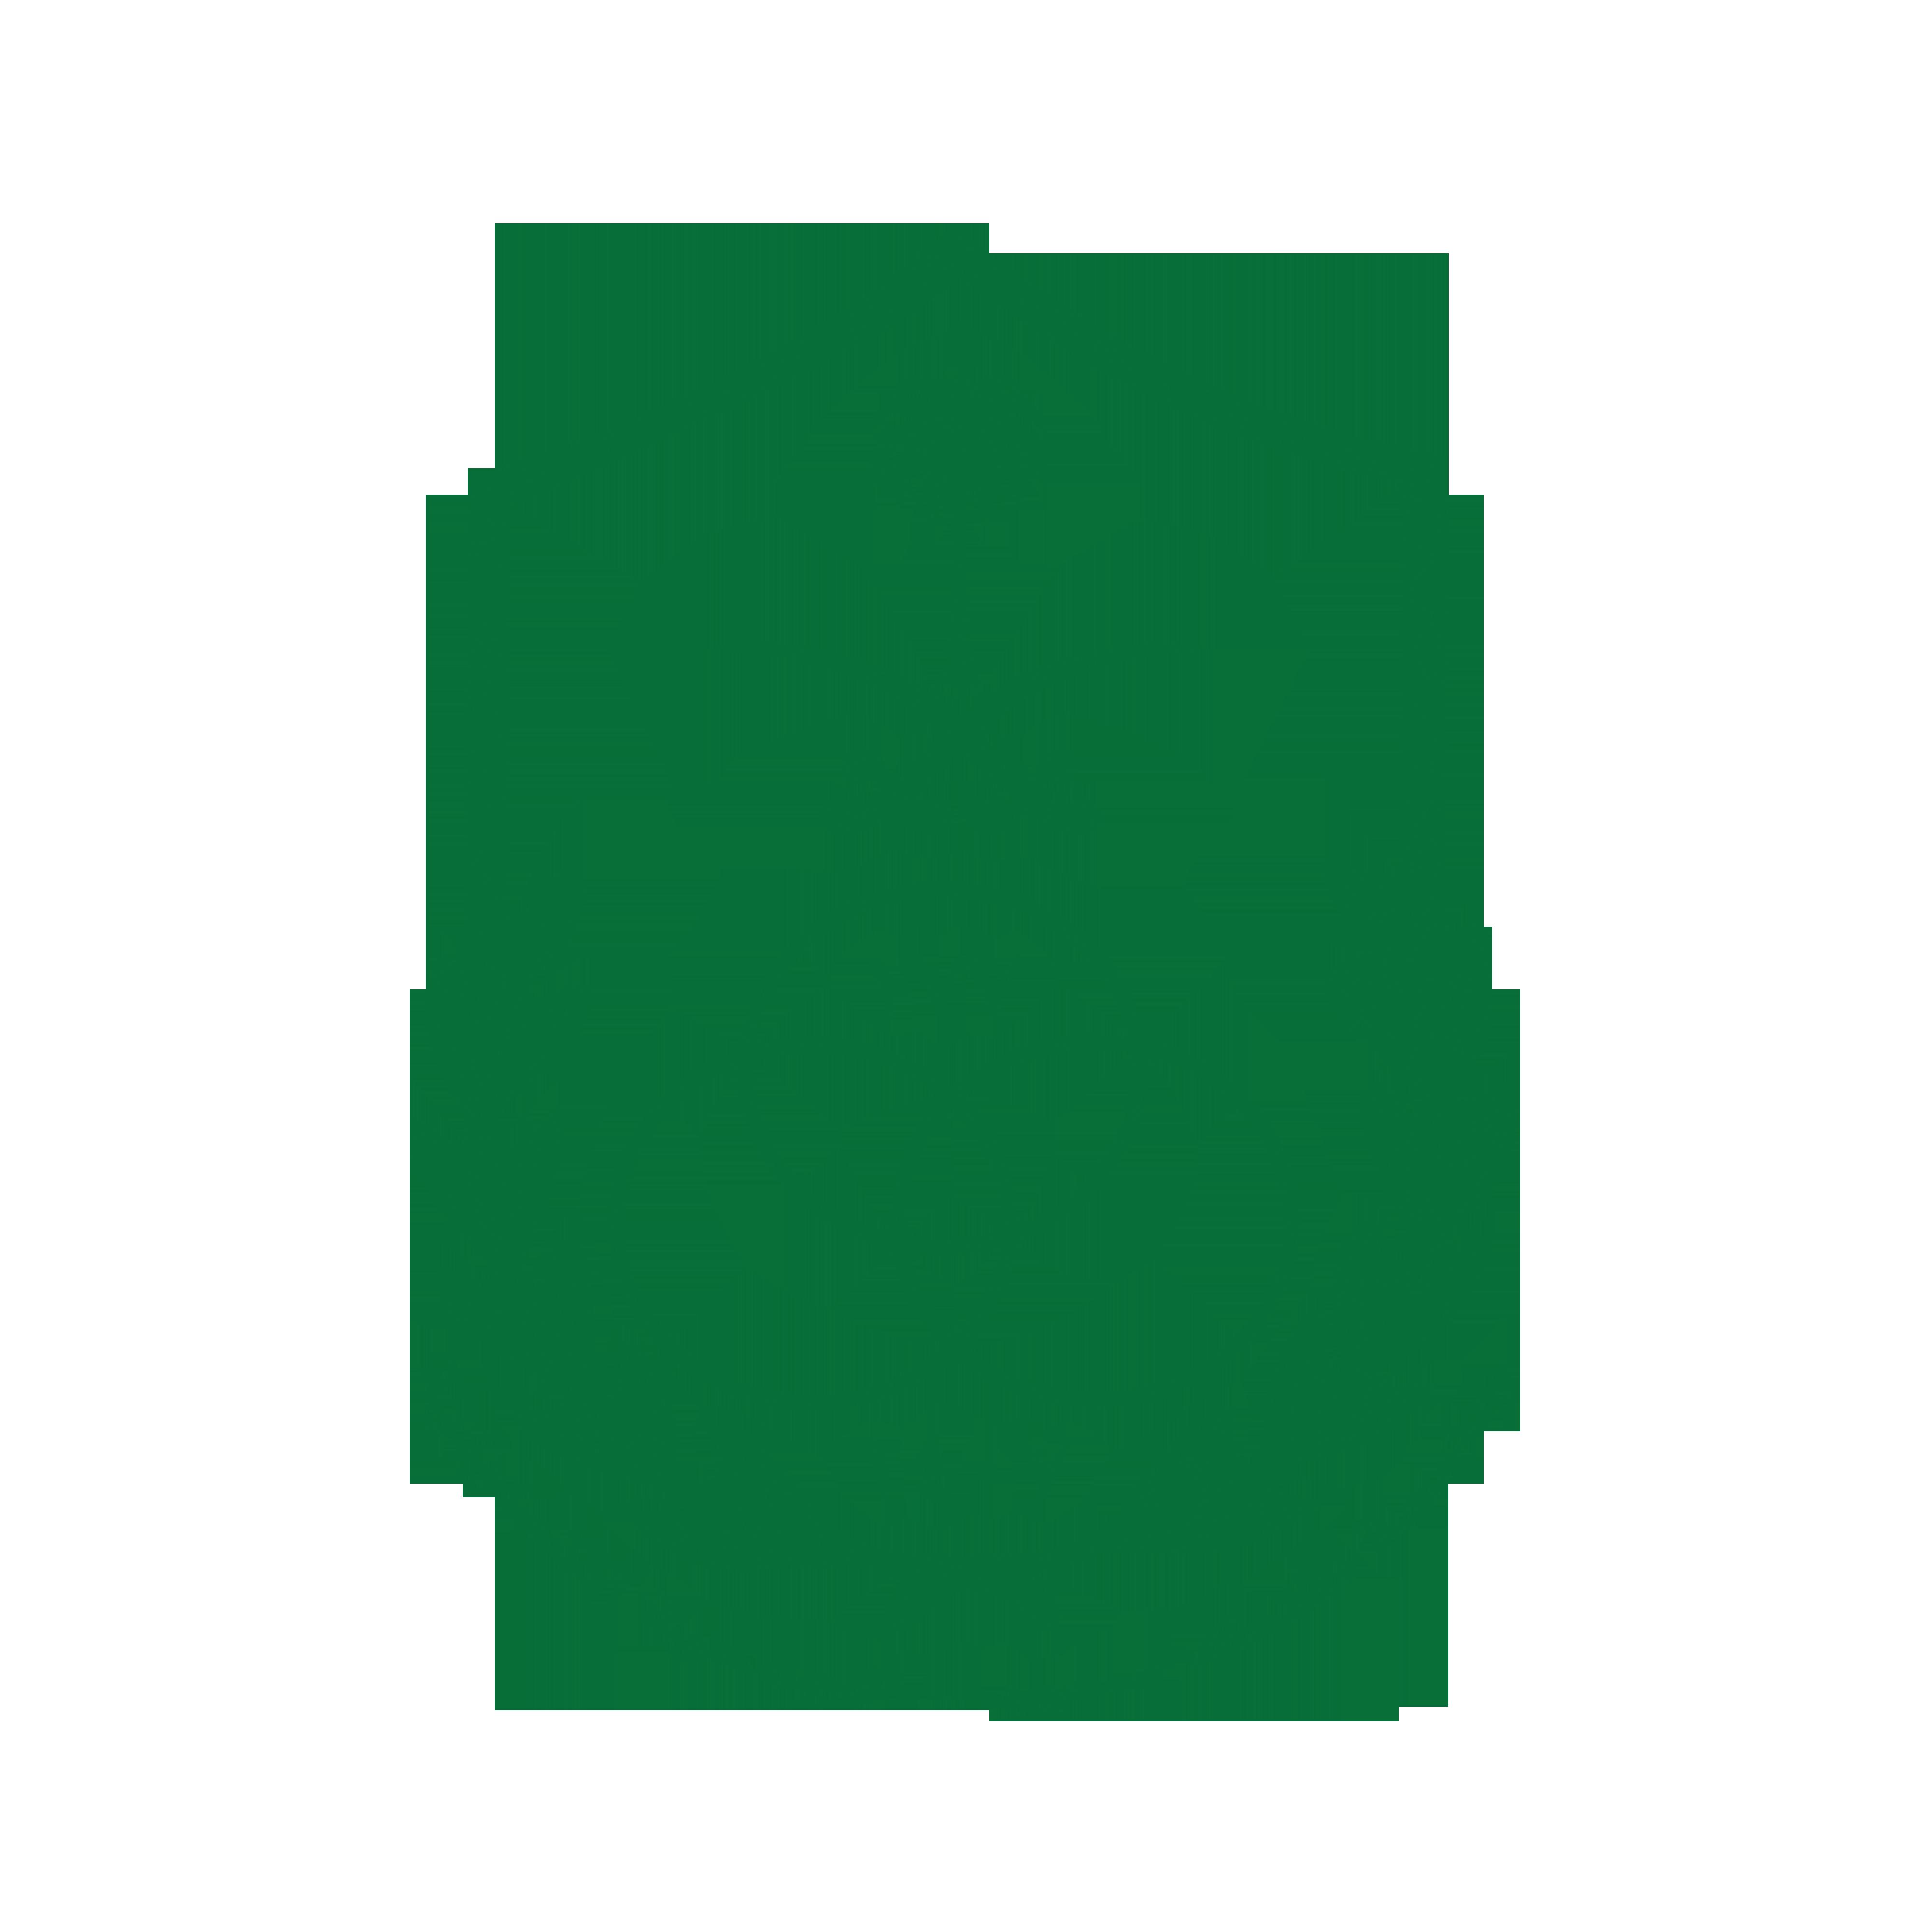 الجمعية التعاونية جامعة الملك سعود